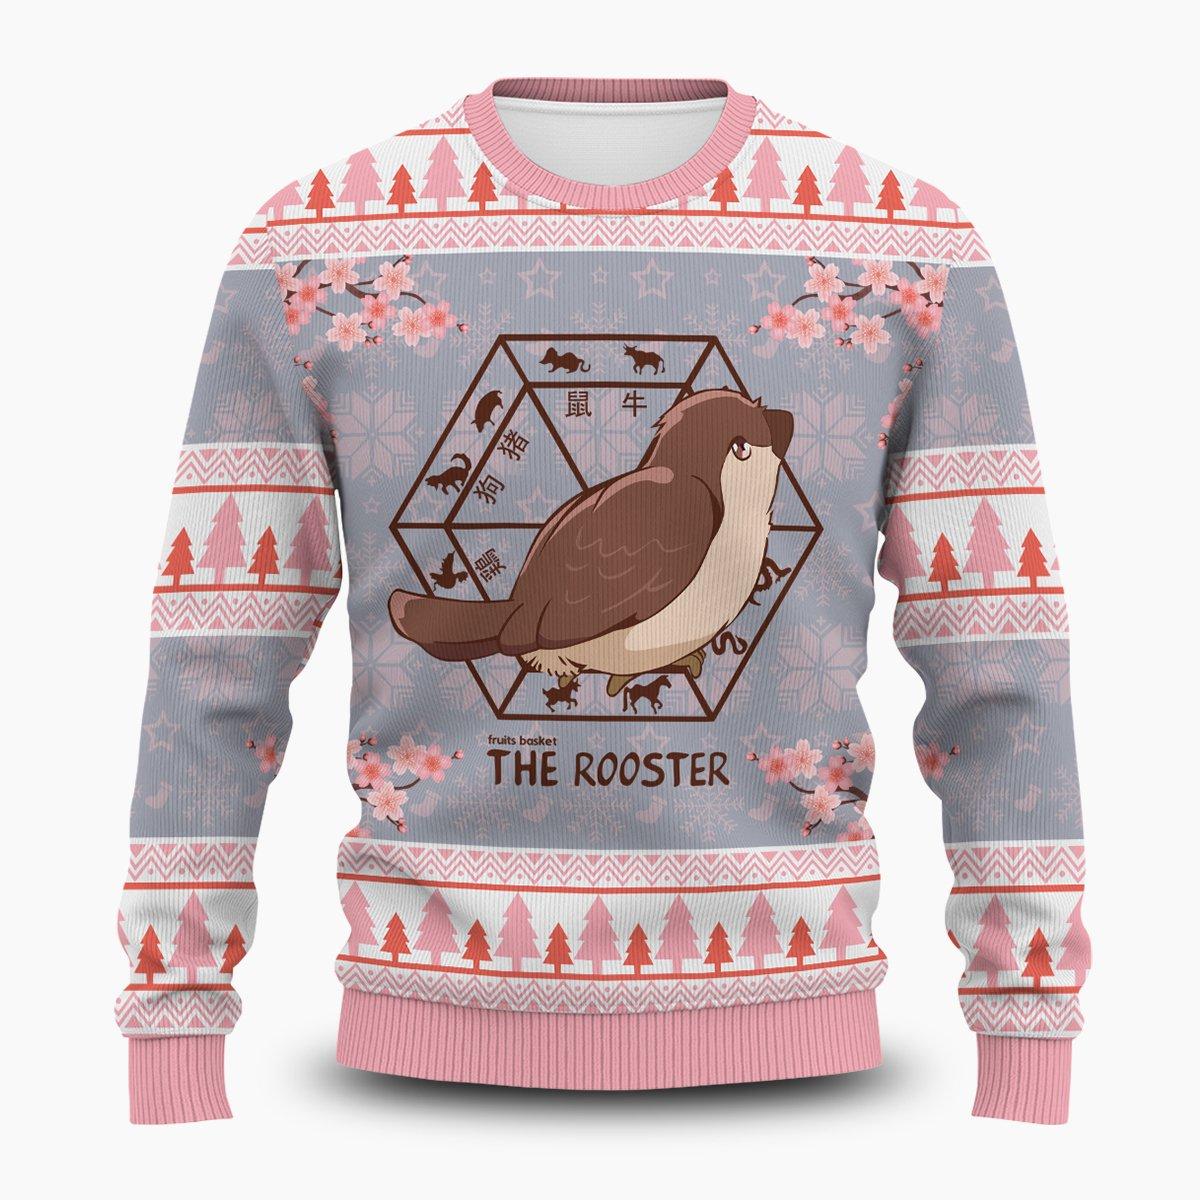 Kureno The Rooster Unisex Wool Sweater FDM0310 S Official Otaku Treat Merch